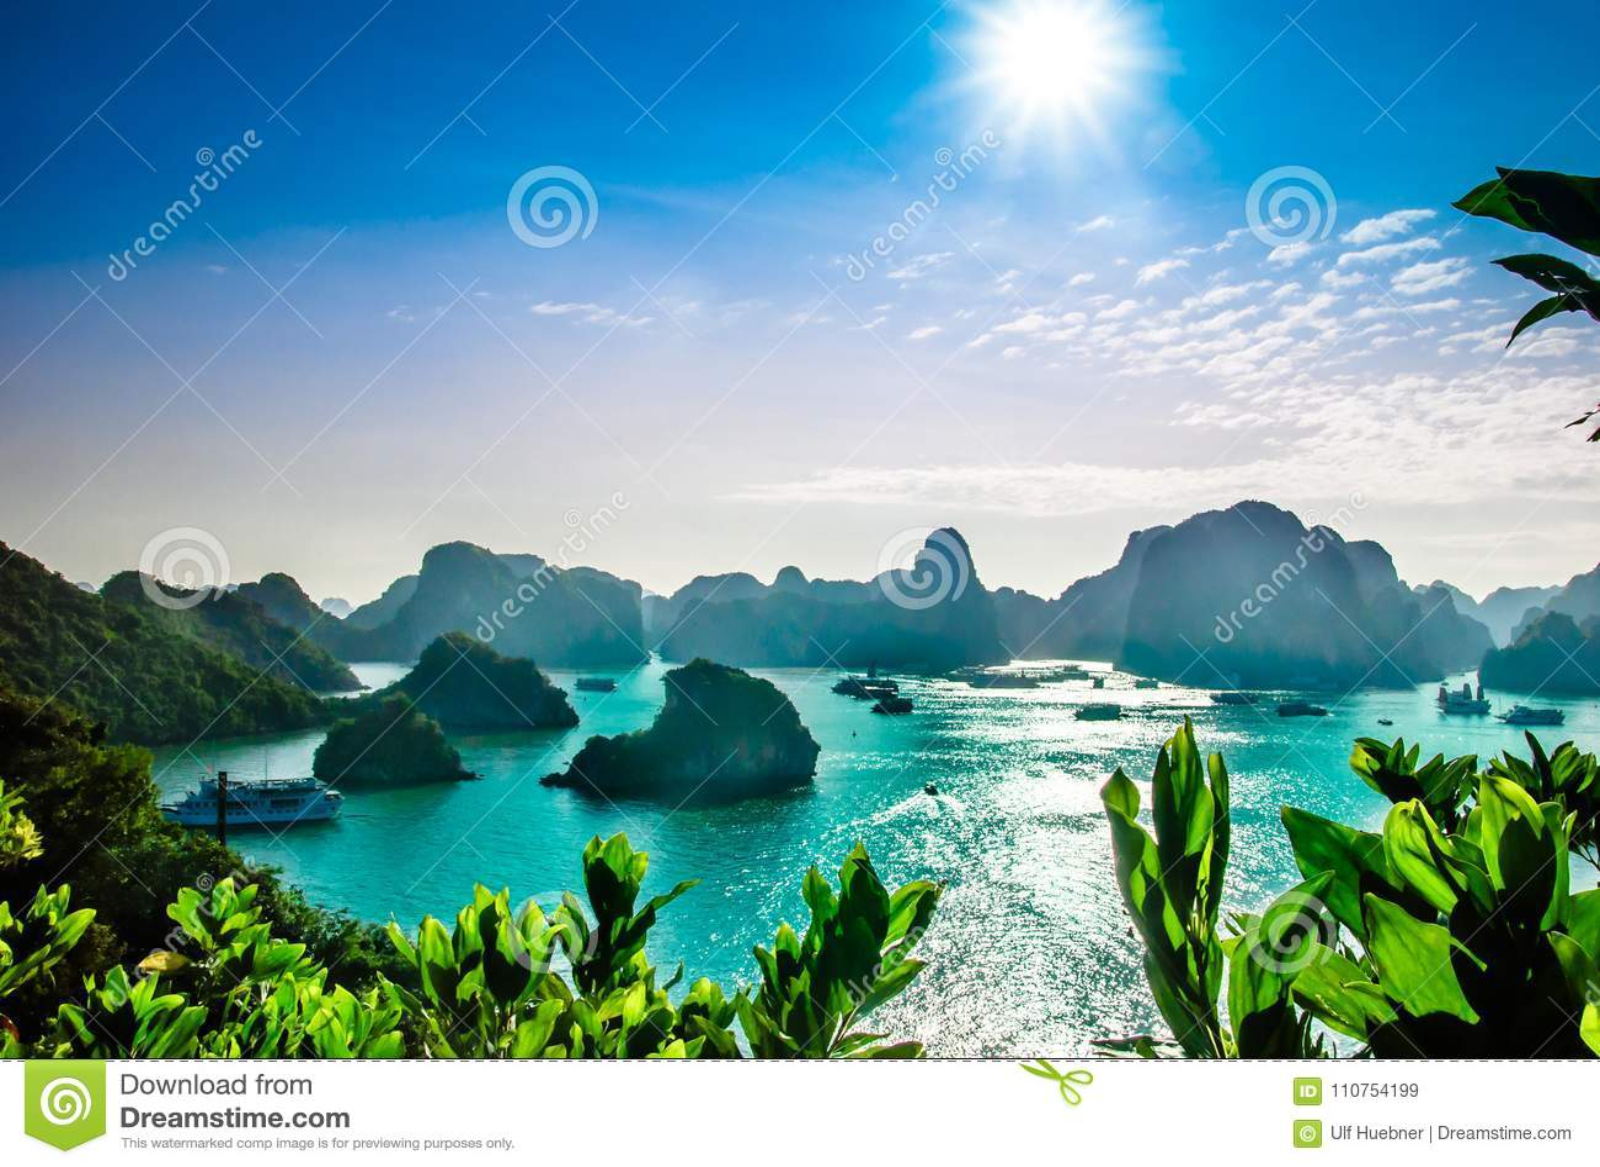 Karst landschap door halongbaai in Vietnam